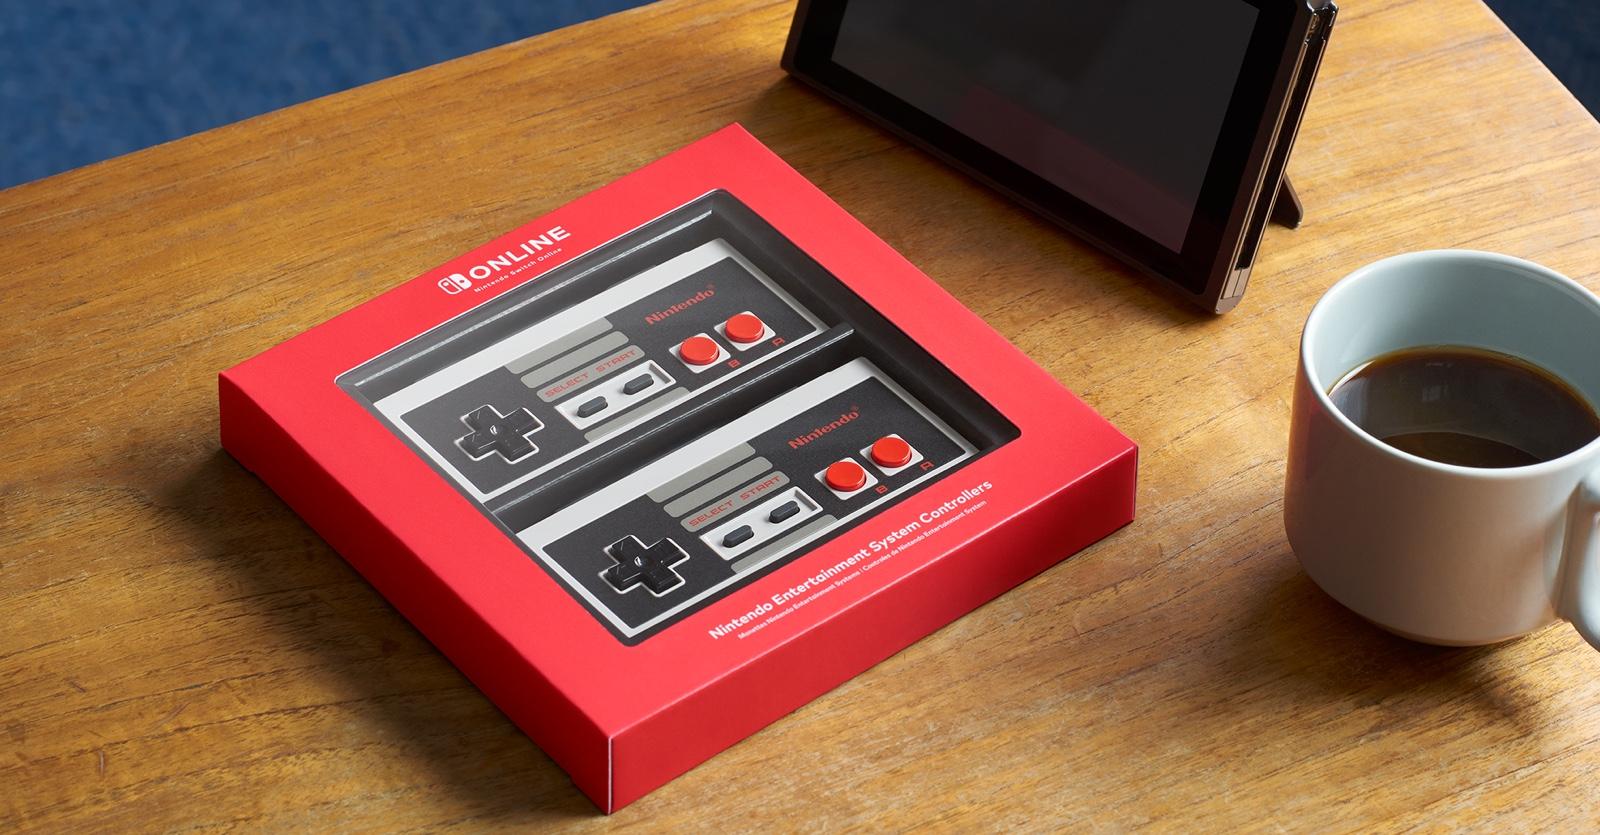 Chi tiết Nintendo Switch Online – bước tiến mới của hãng game Nintendo